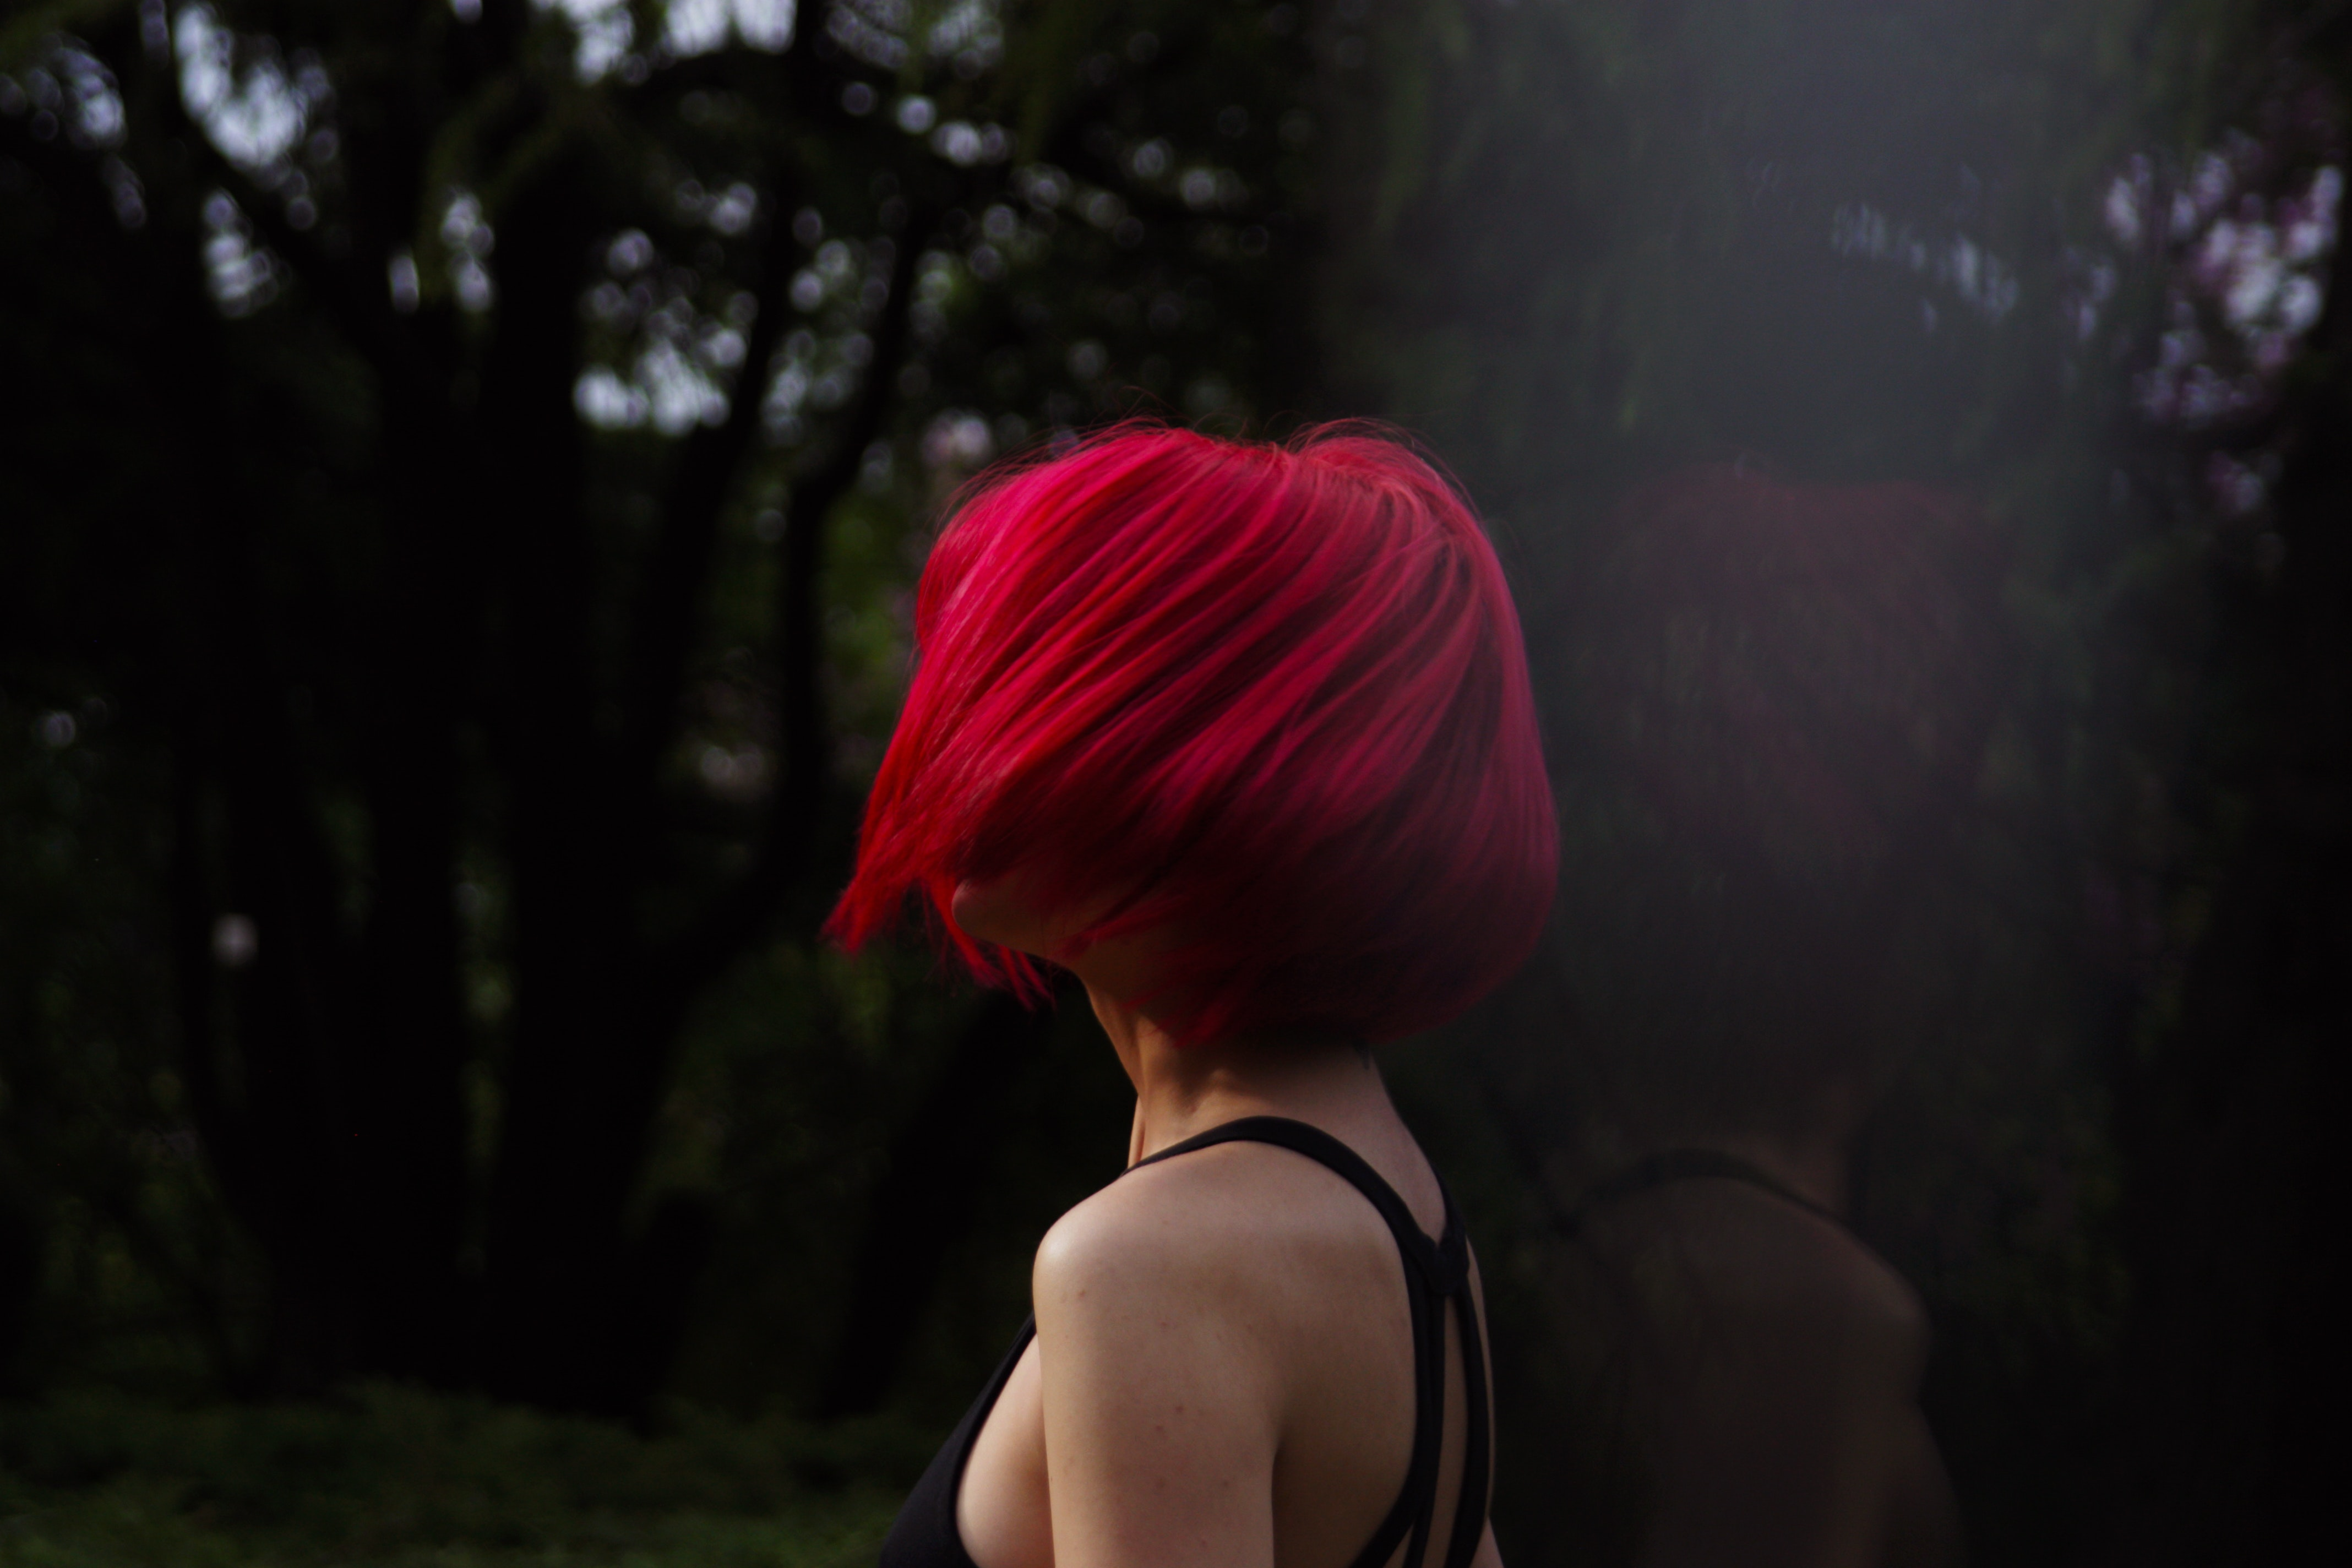 Un fabricant de colorations pour cheveux condamné pour utilisation de substances cancérigènes